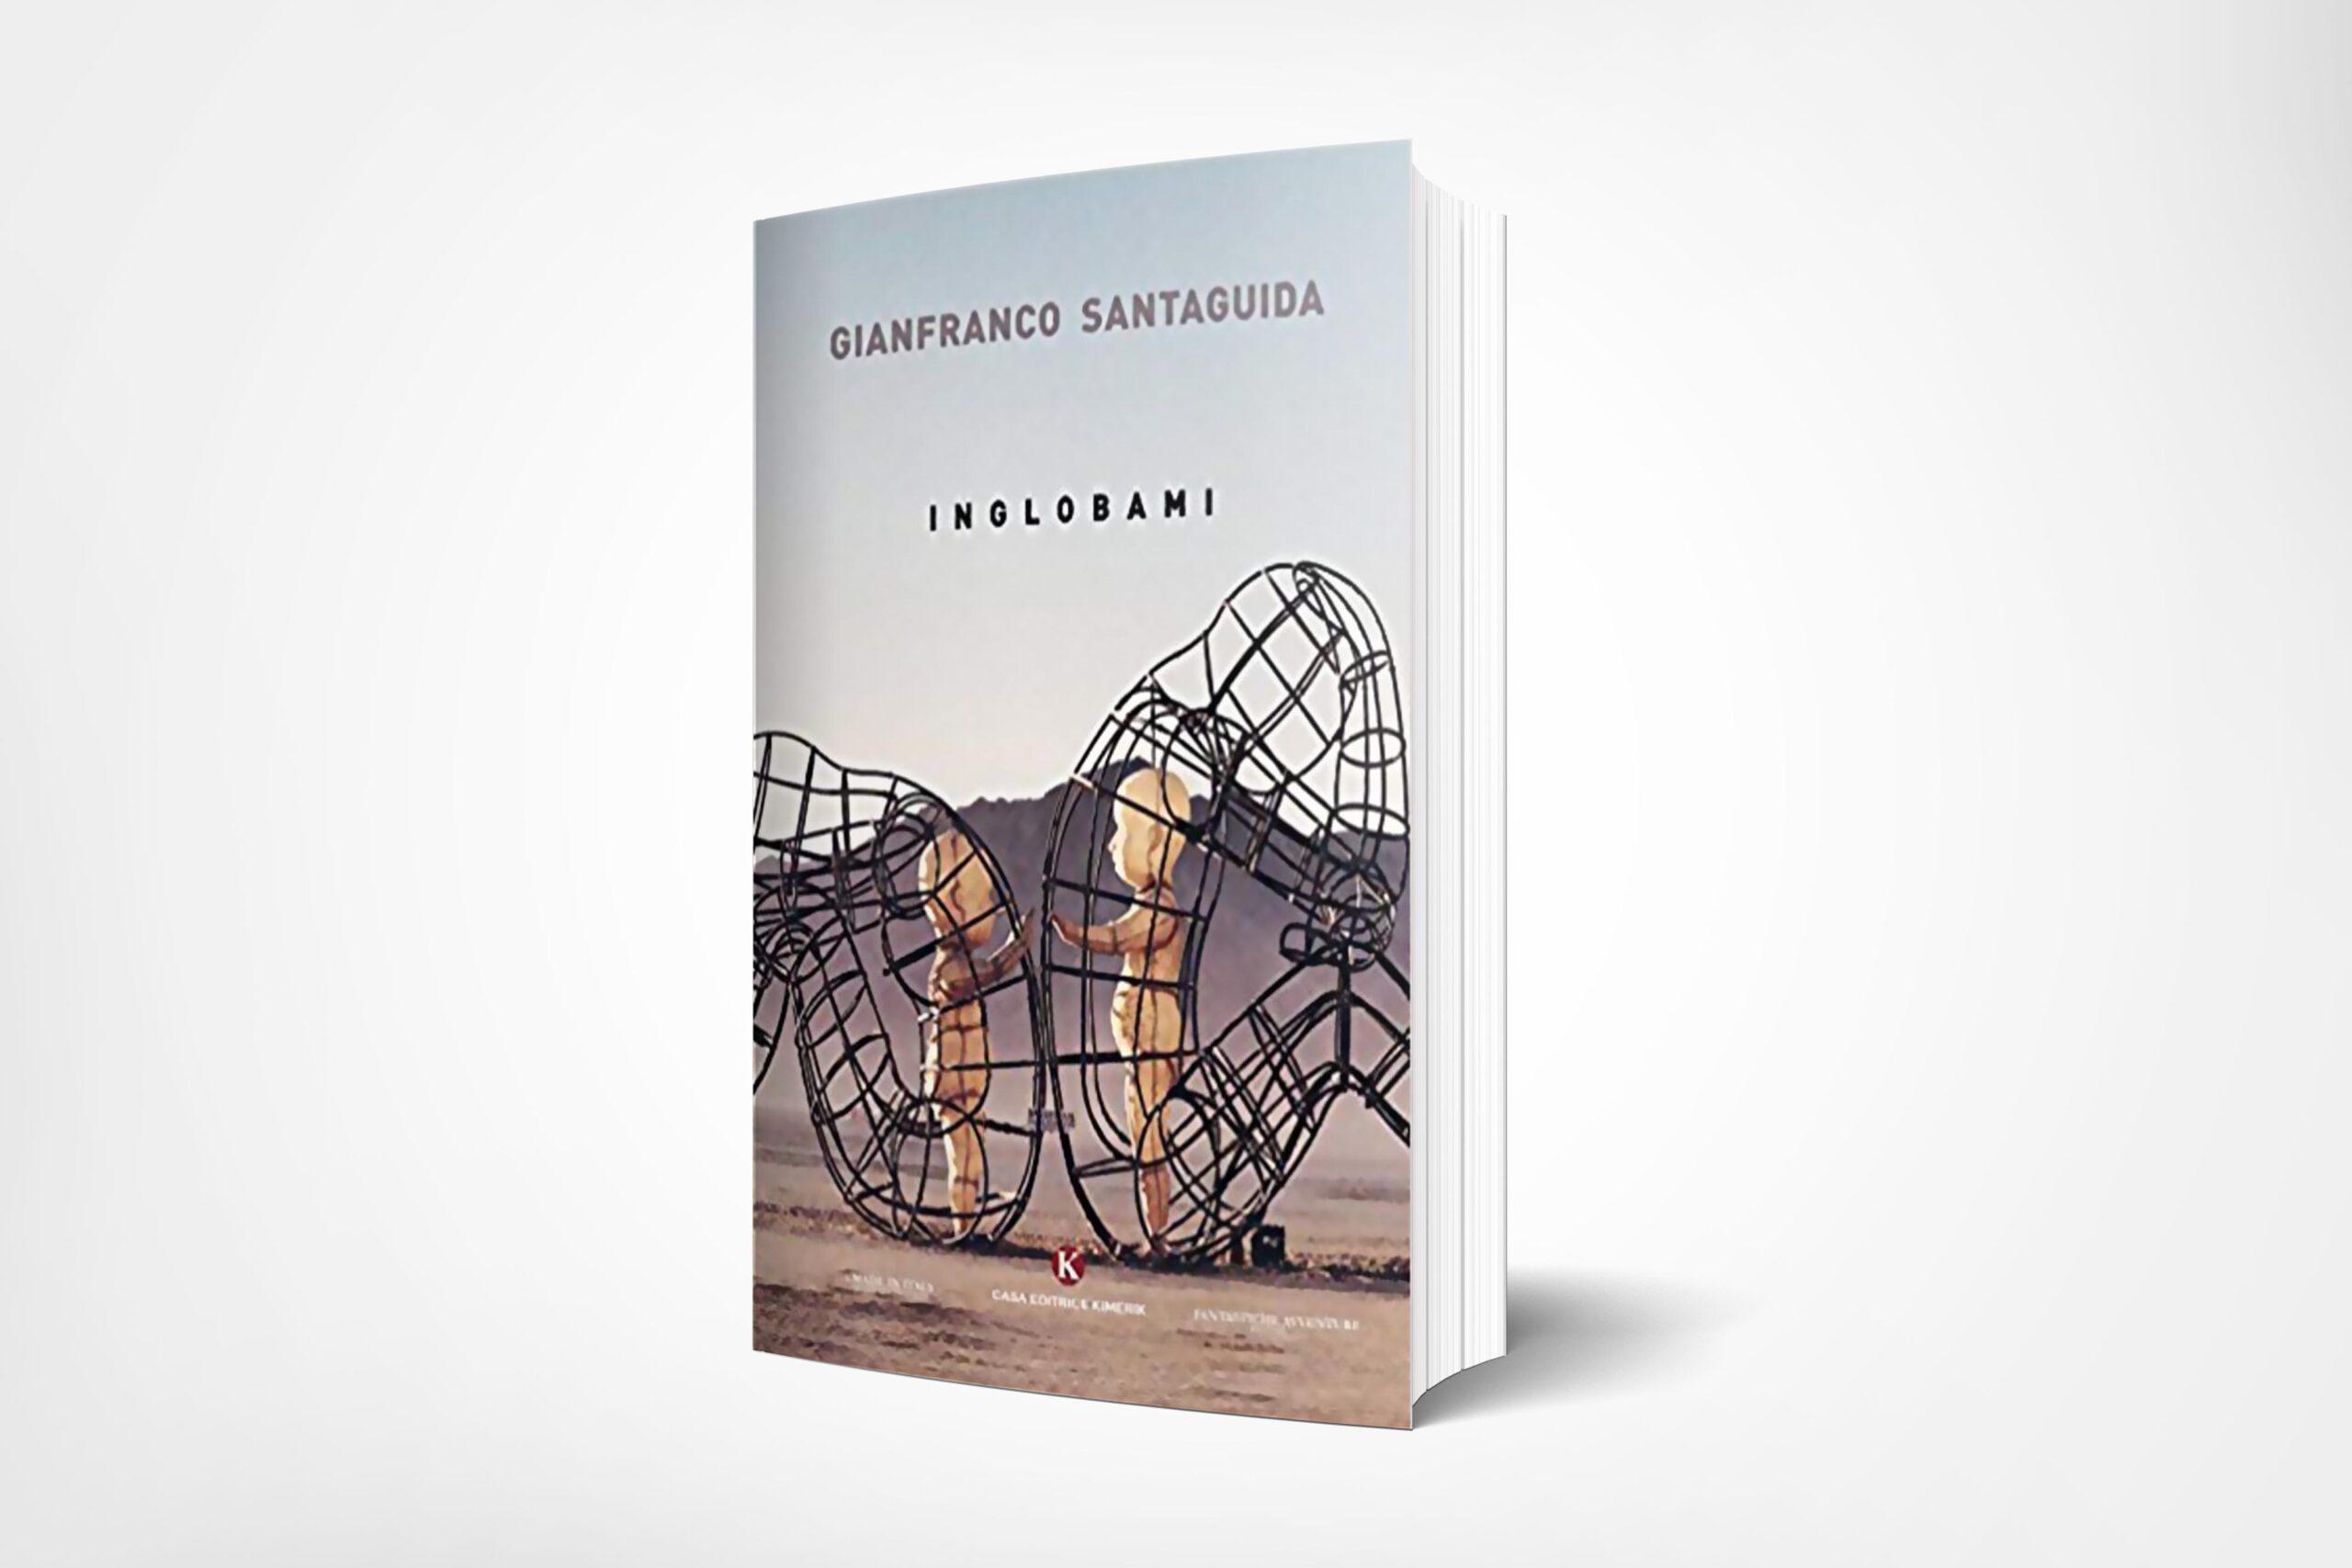 Il libro Inglobami è un vero polmone d'aria